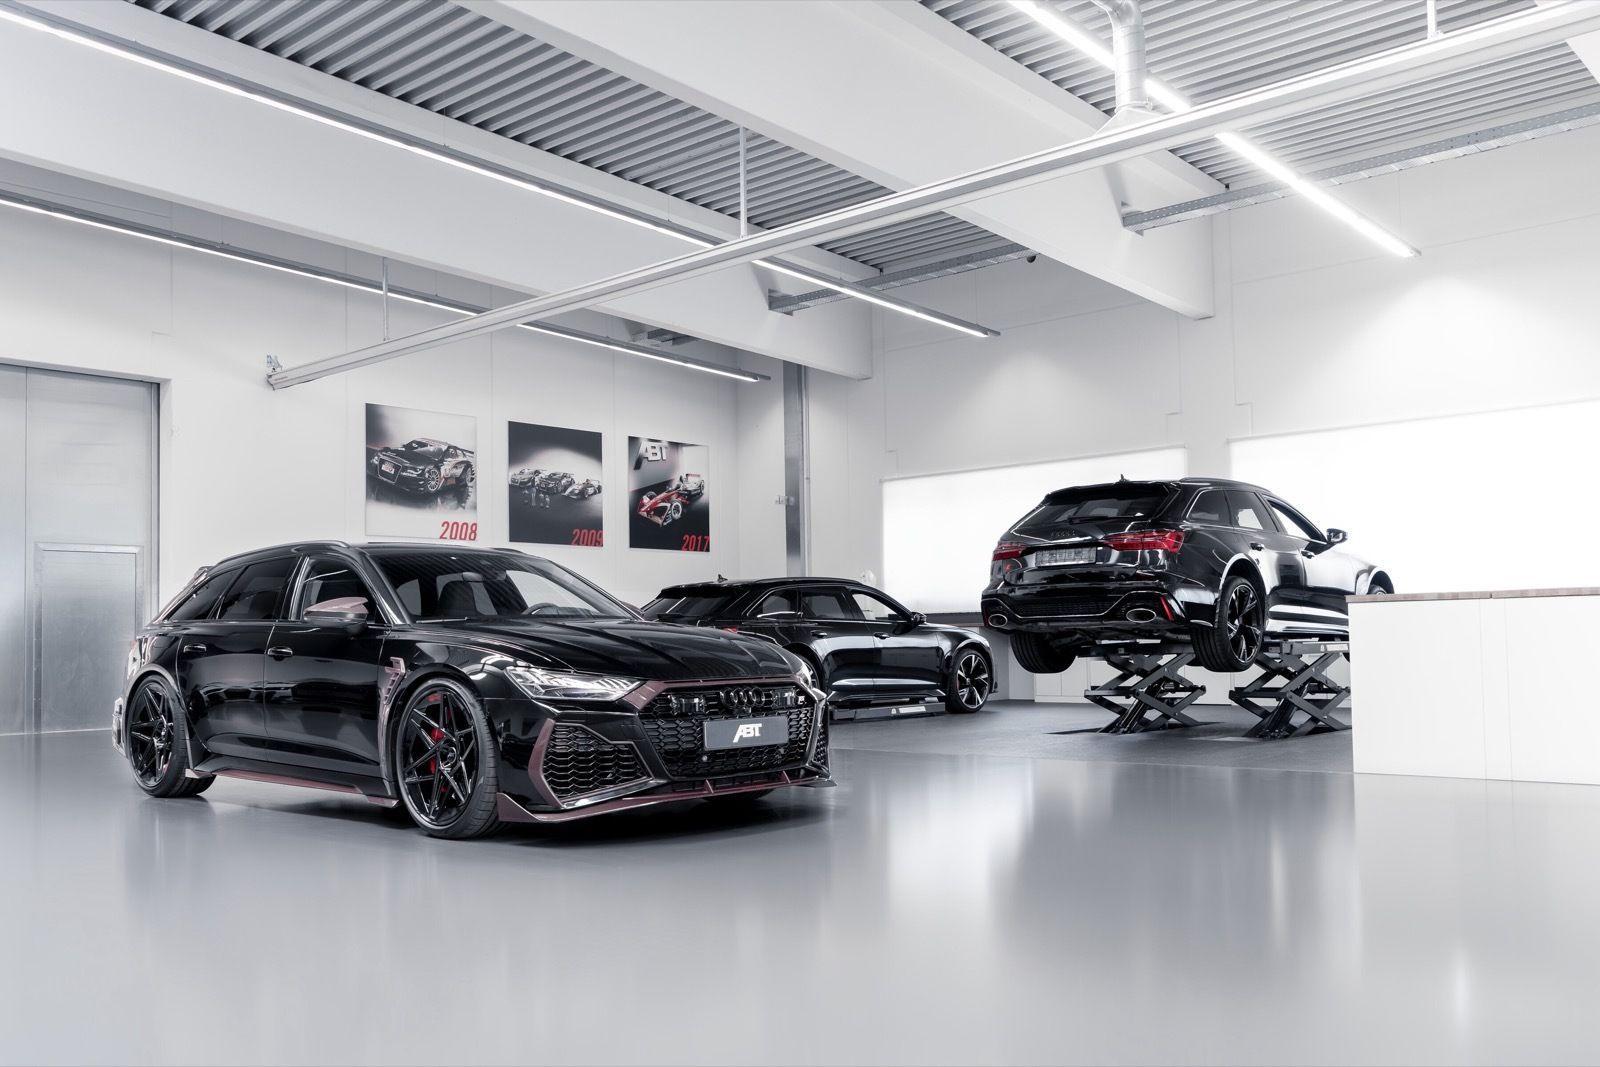 Audi_RS6_Johann_Abt_Signature_Edition-0018